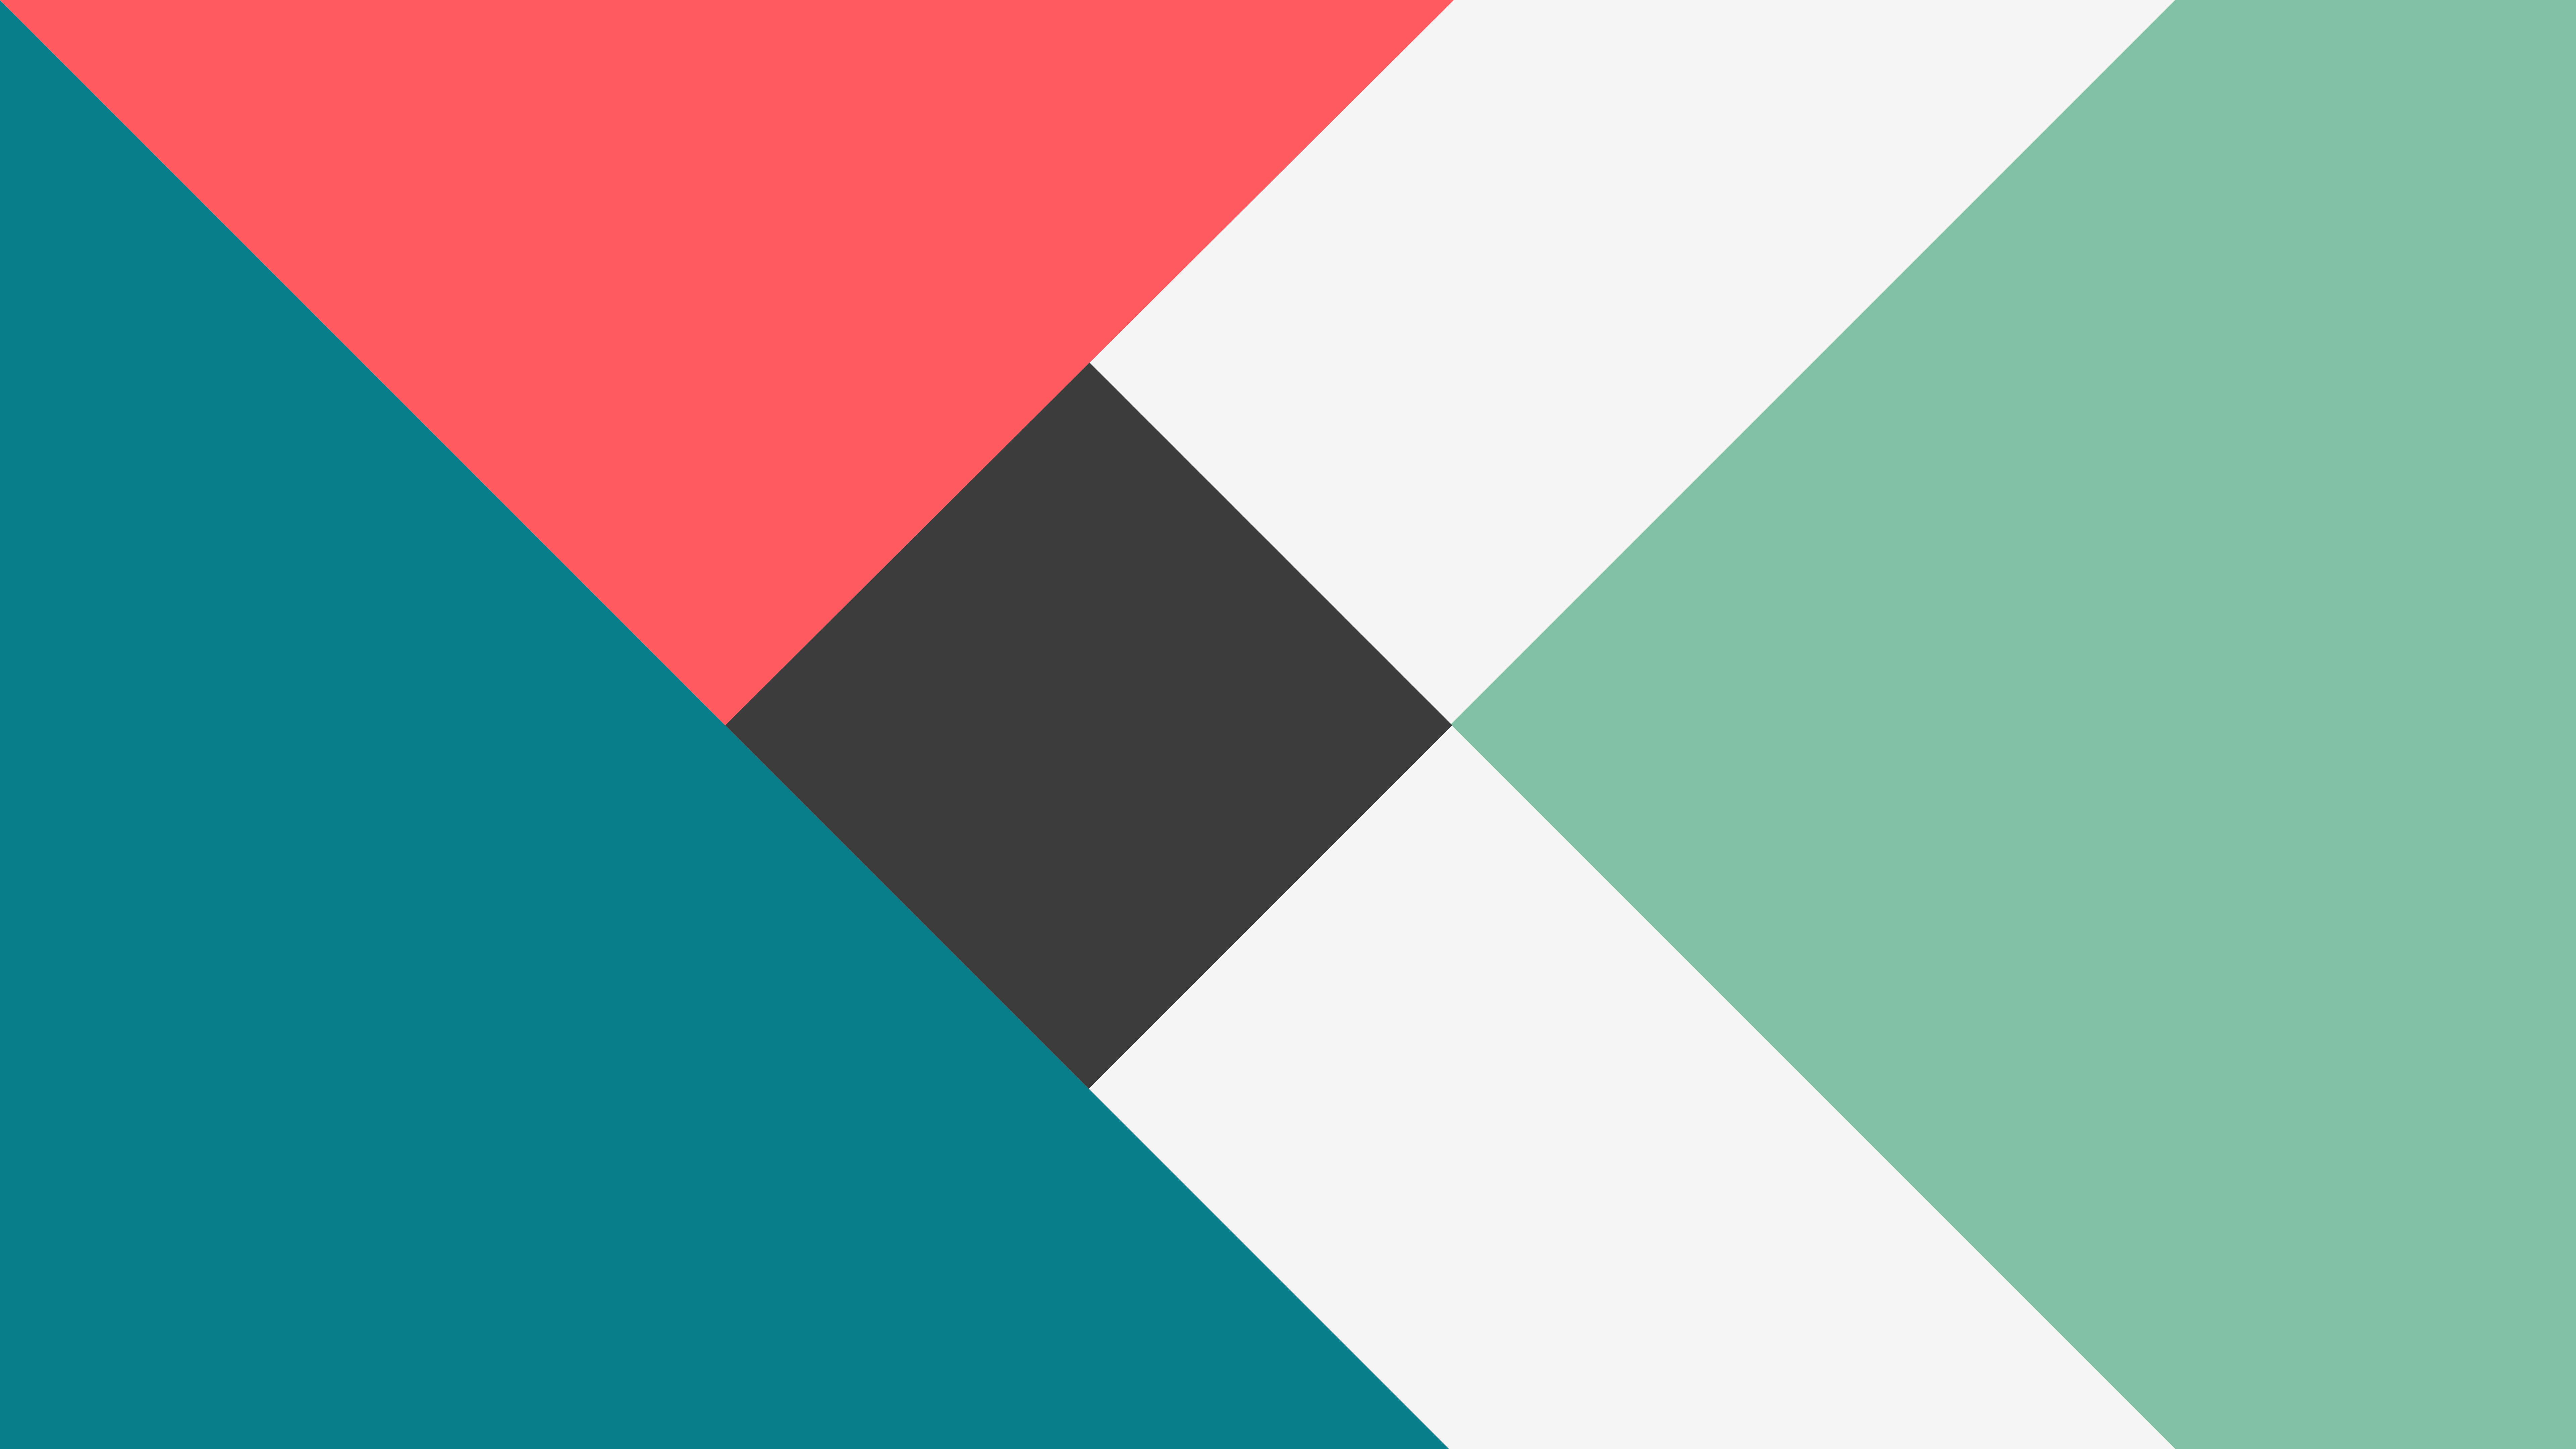 8K Minimalist Wallpapers - Top Free 8K Minimalist ...